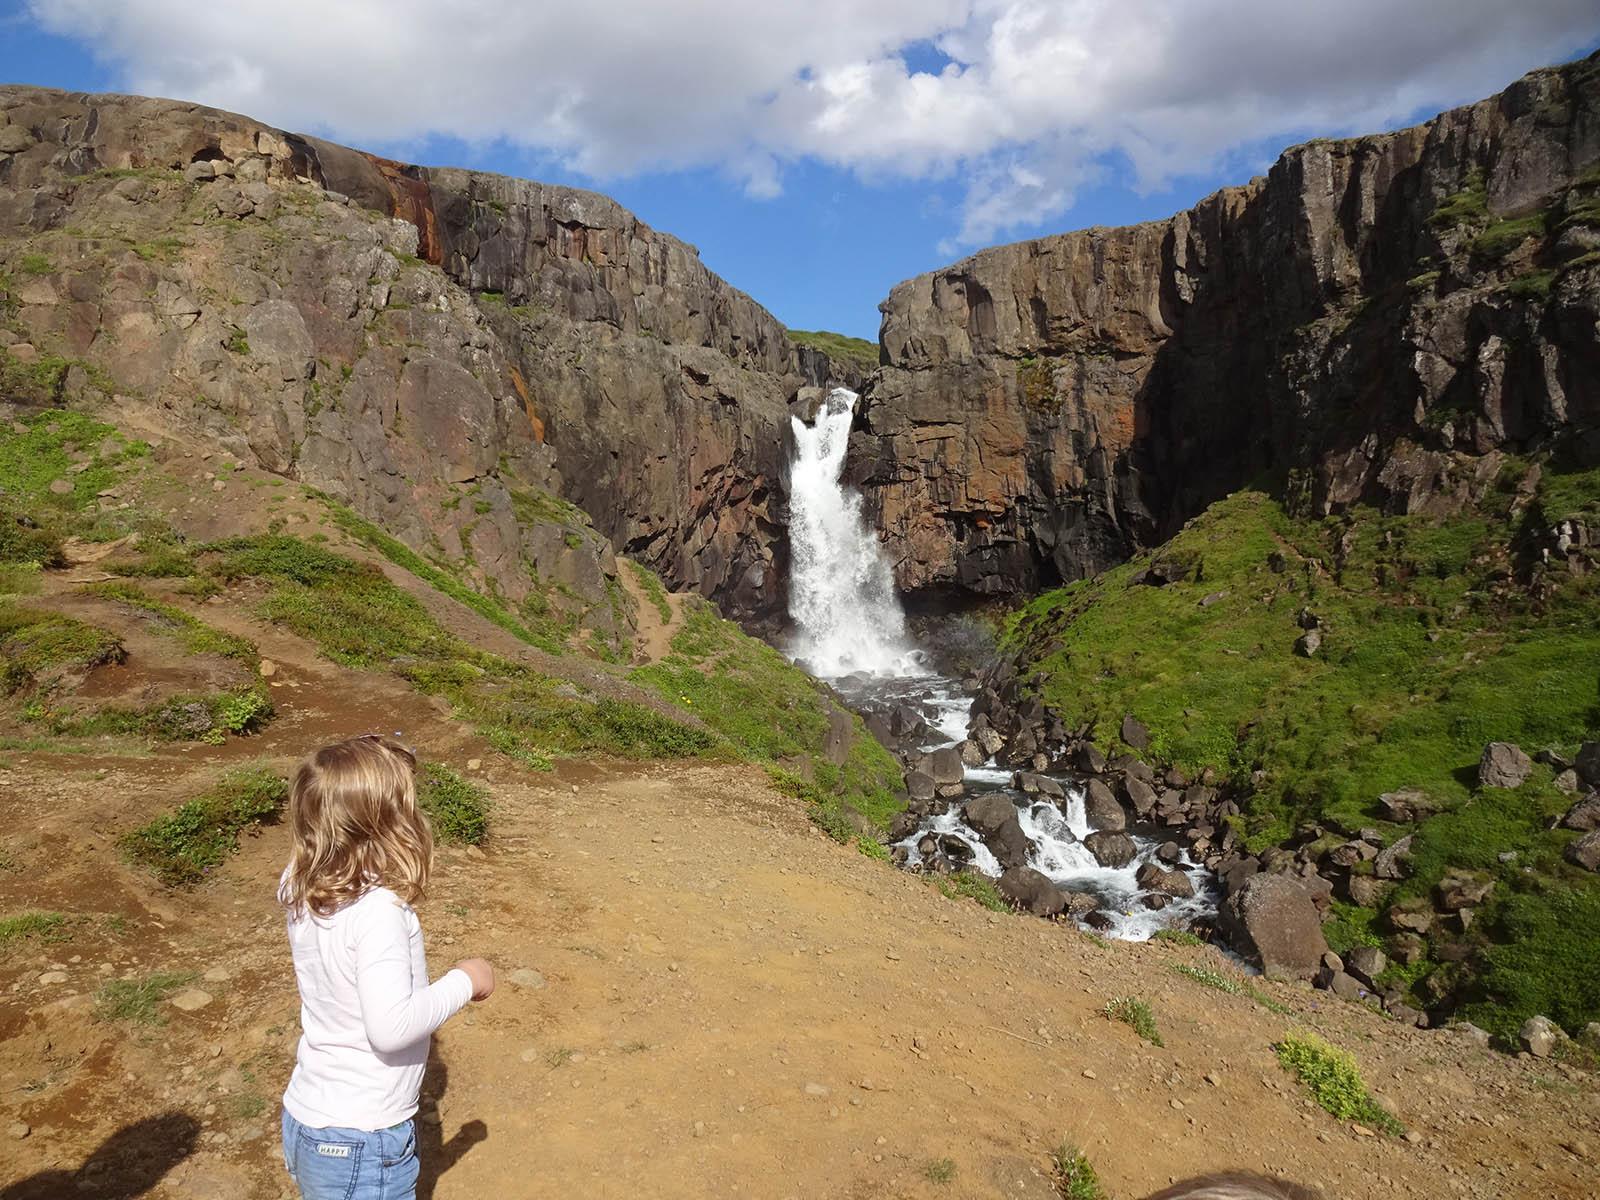 Außergewöhnliche Reiseideen in Europa mit Kindern – beeindruckender Wasserfall in Island